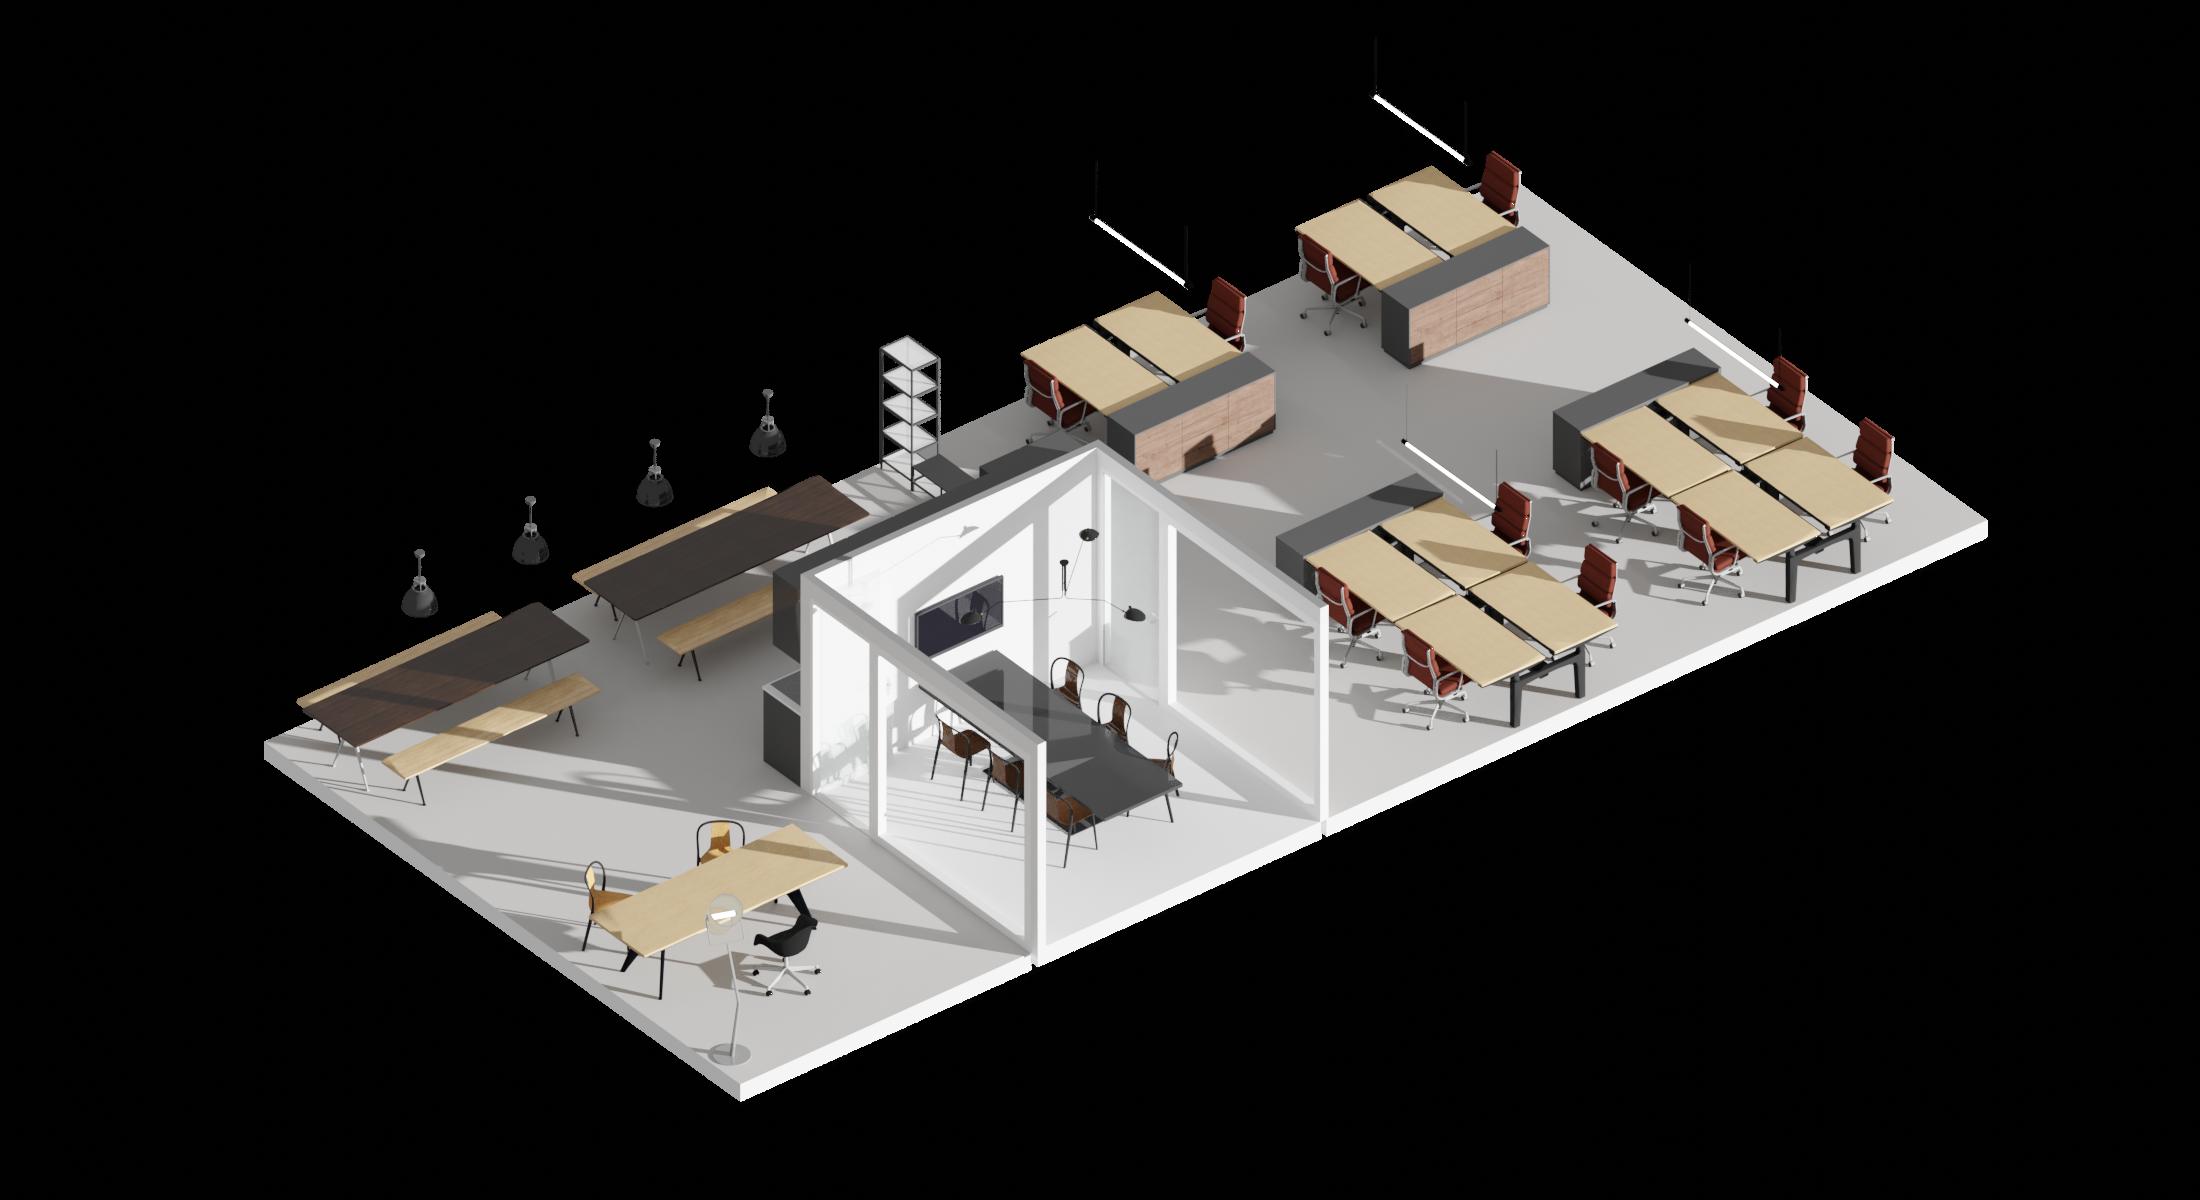 Archilogic Floor Plans 3d Models Building Data